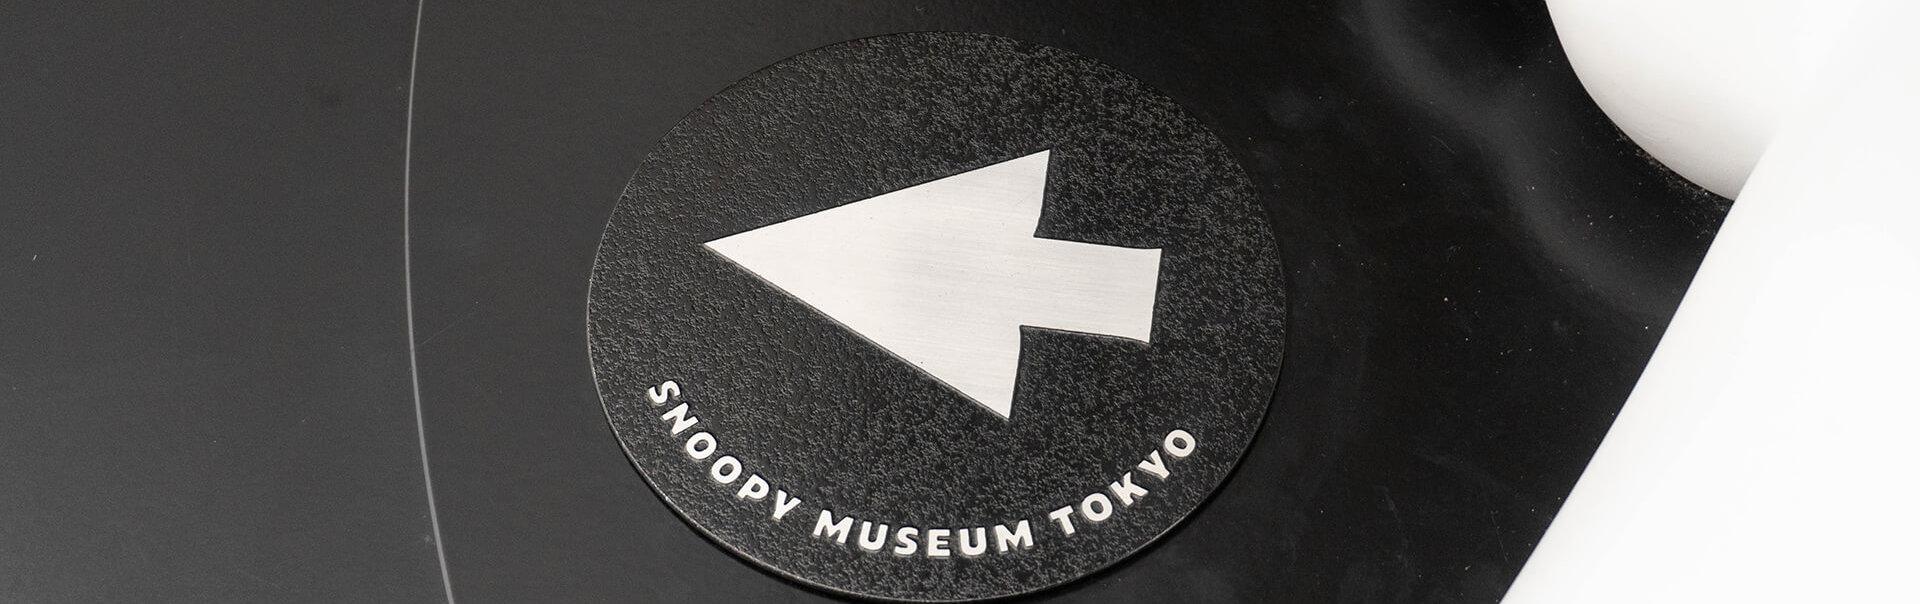 スヌーピーミュージアム東京・案内板